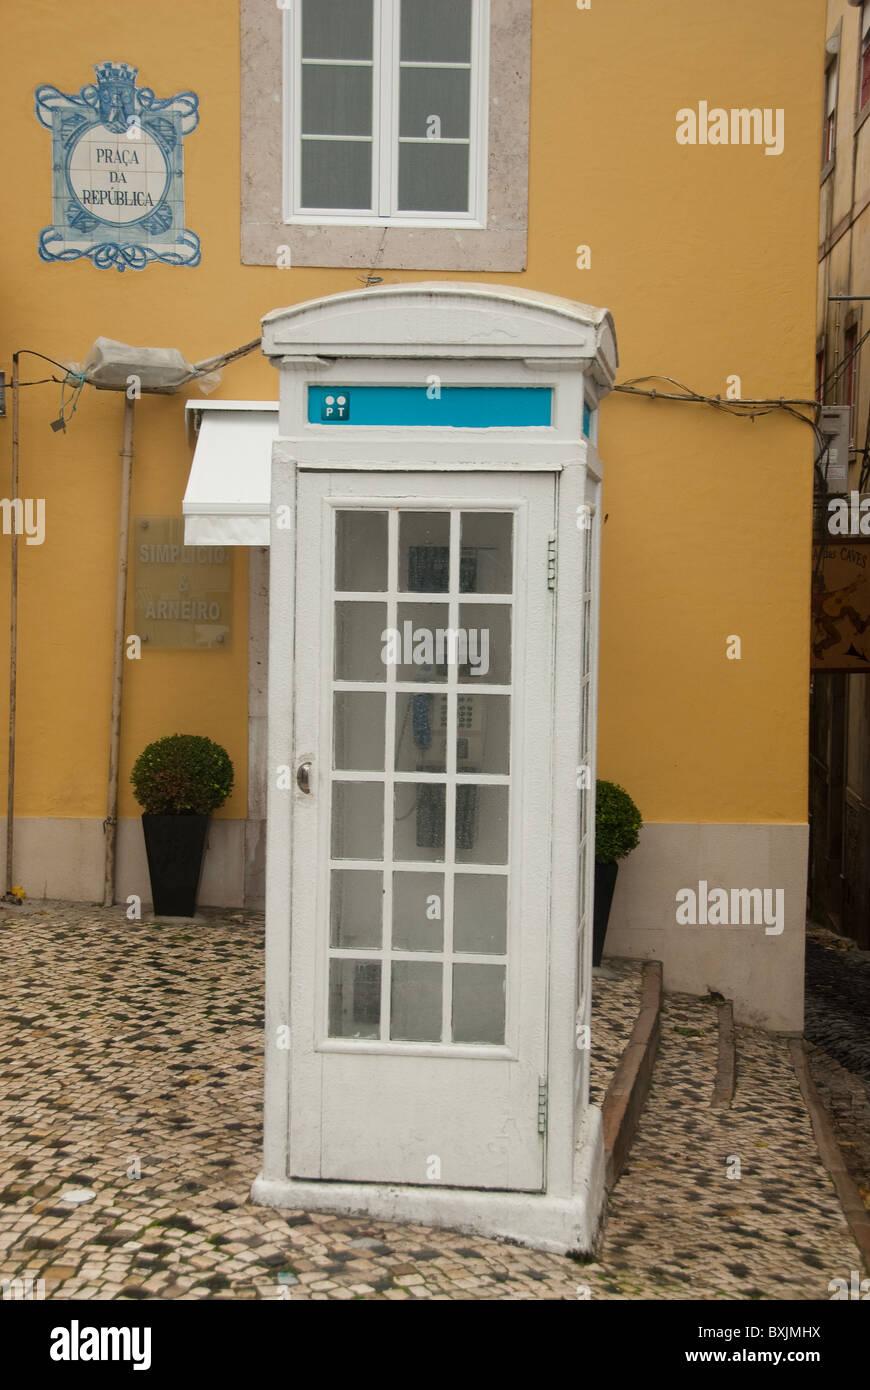 Telephone kiosk in Sintra, Portugal - Stock Image